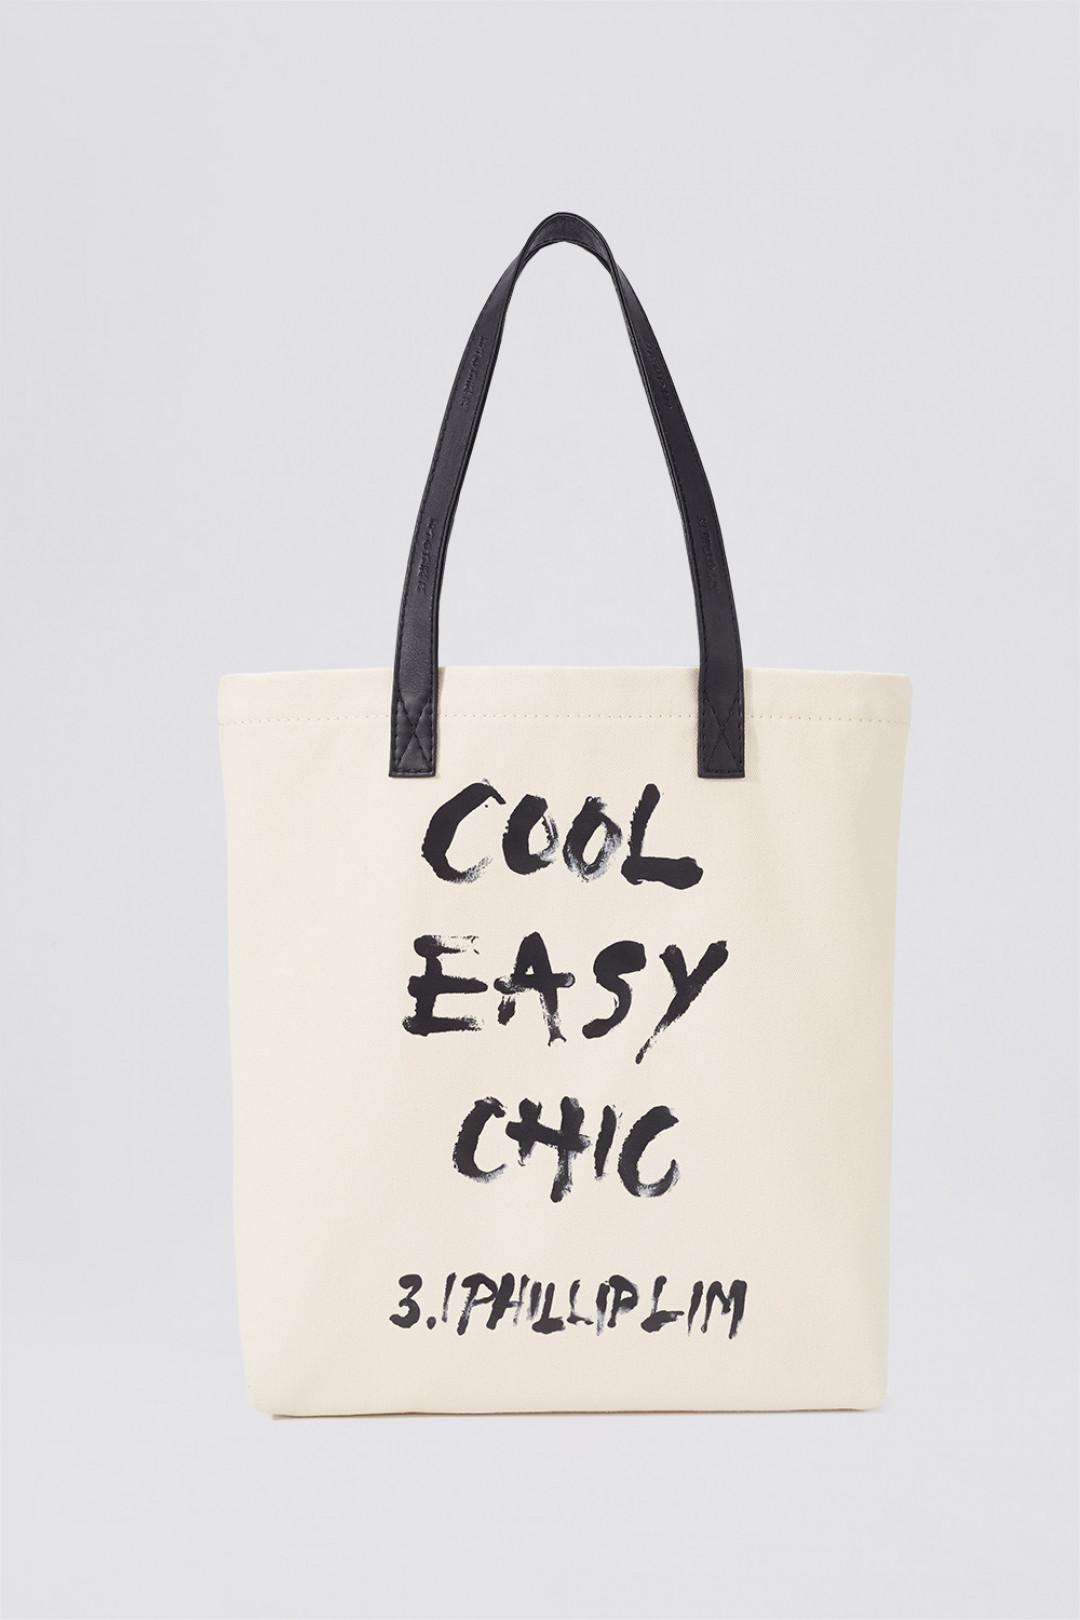 「ノース・サウス(NORTH SOUTH)『COOL, EASY, CHIC』スリムトート」(2万8,000円)